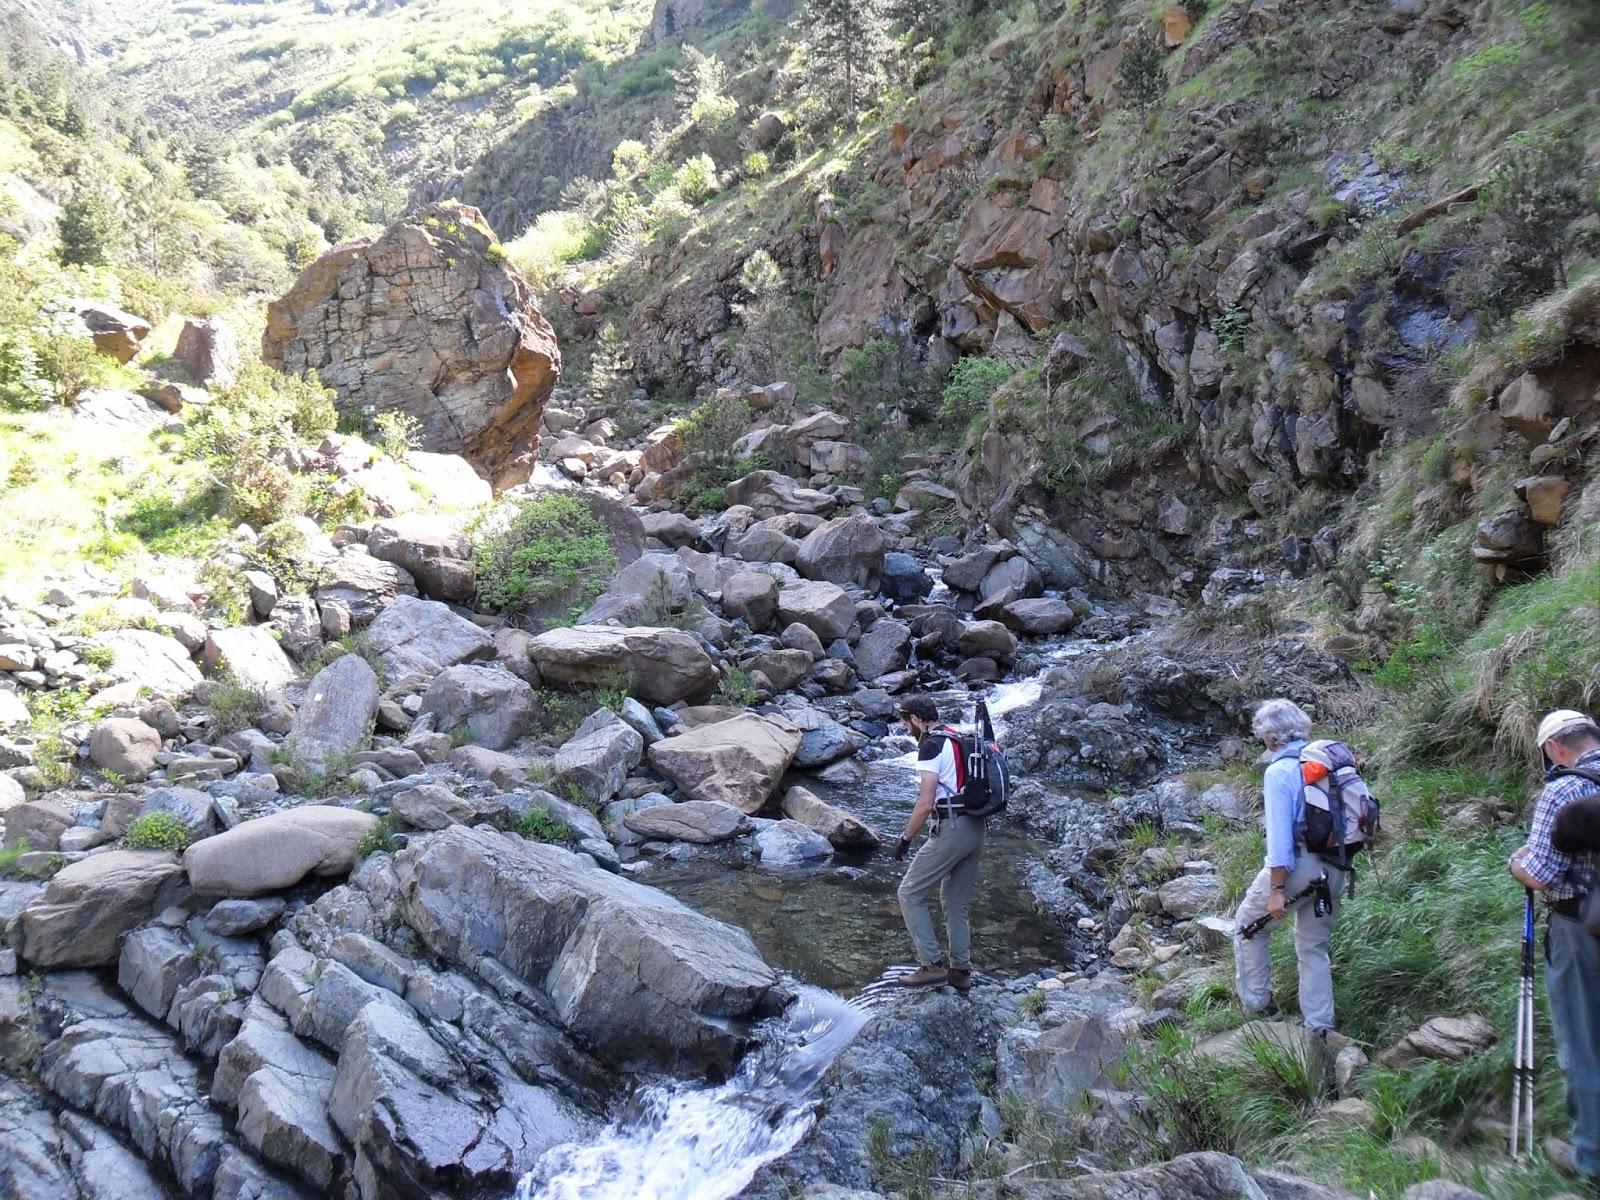 Malati di montagna maggio 2014 - Riscaldare velocemente casa montagna ...